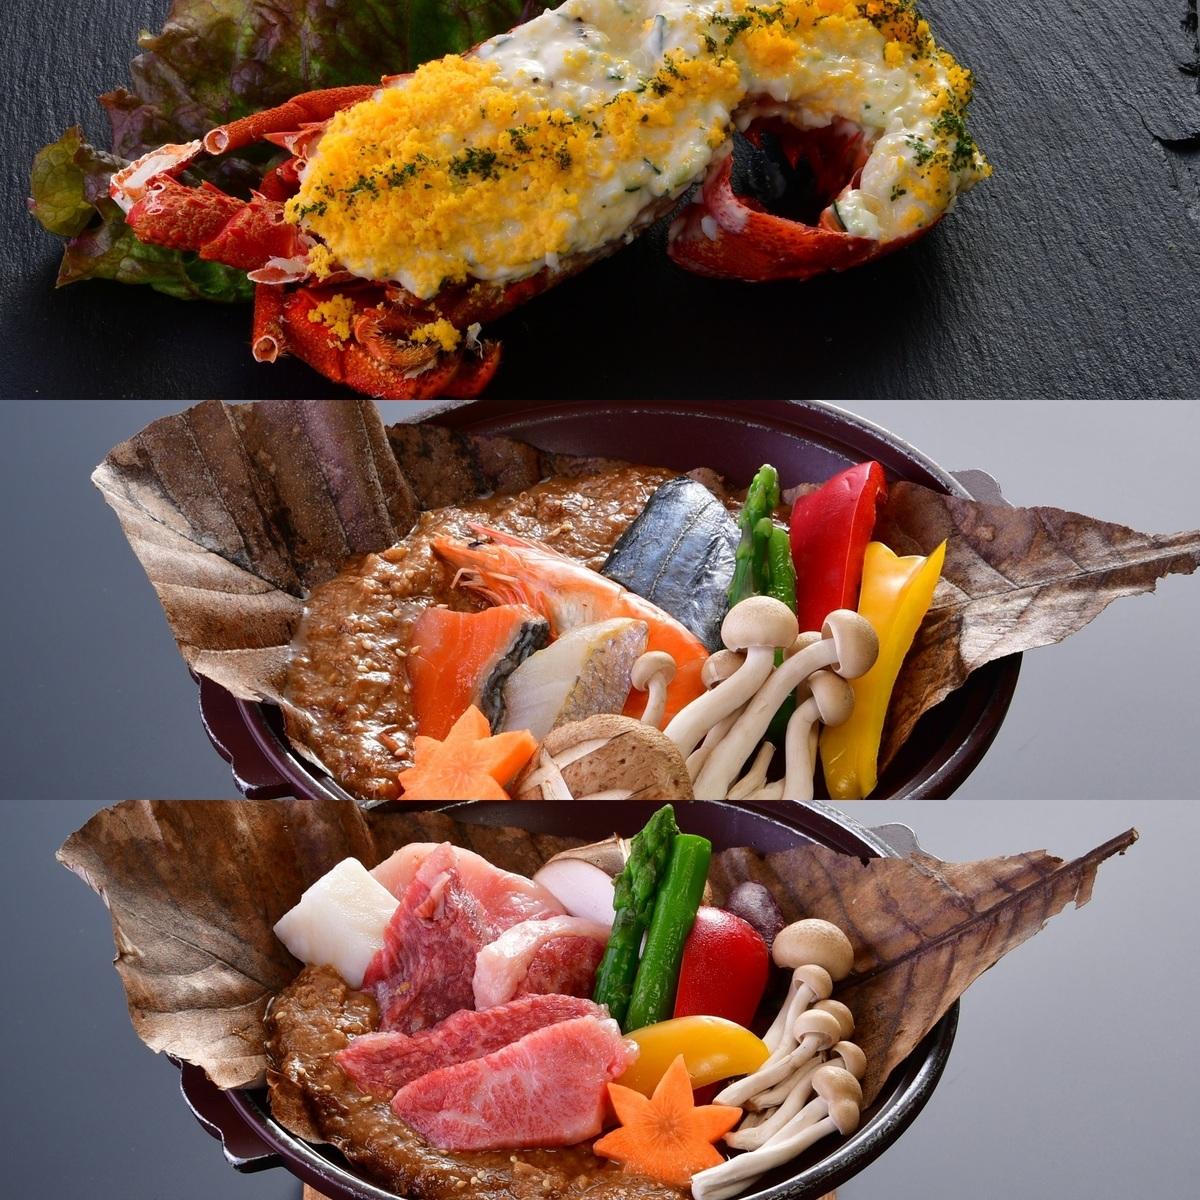 龙虾,海鲜,和牛牛肉